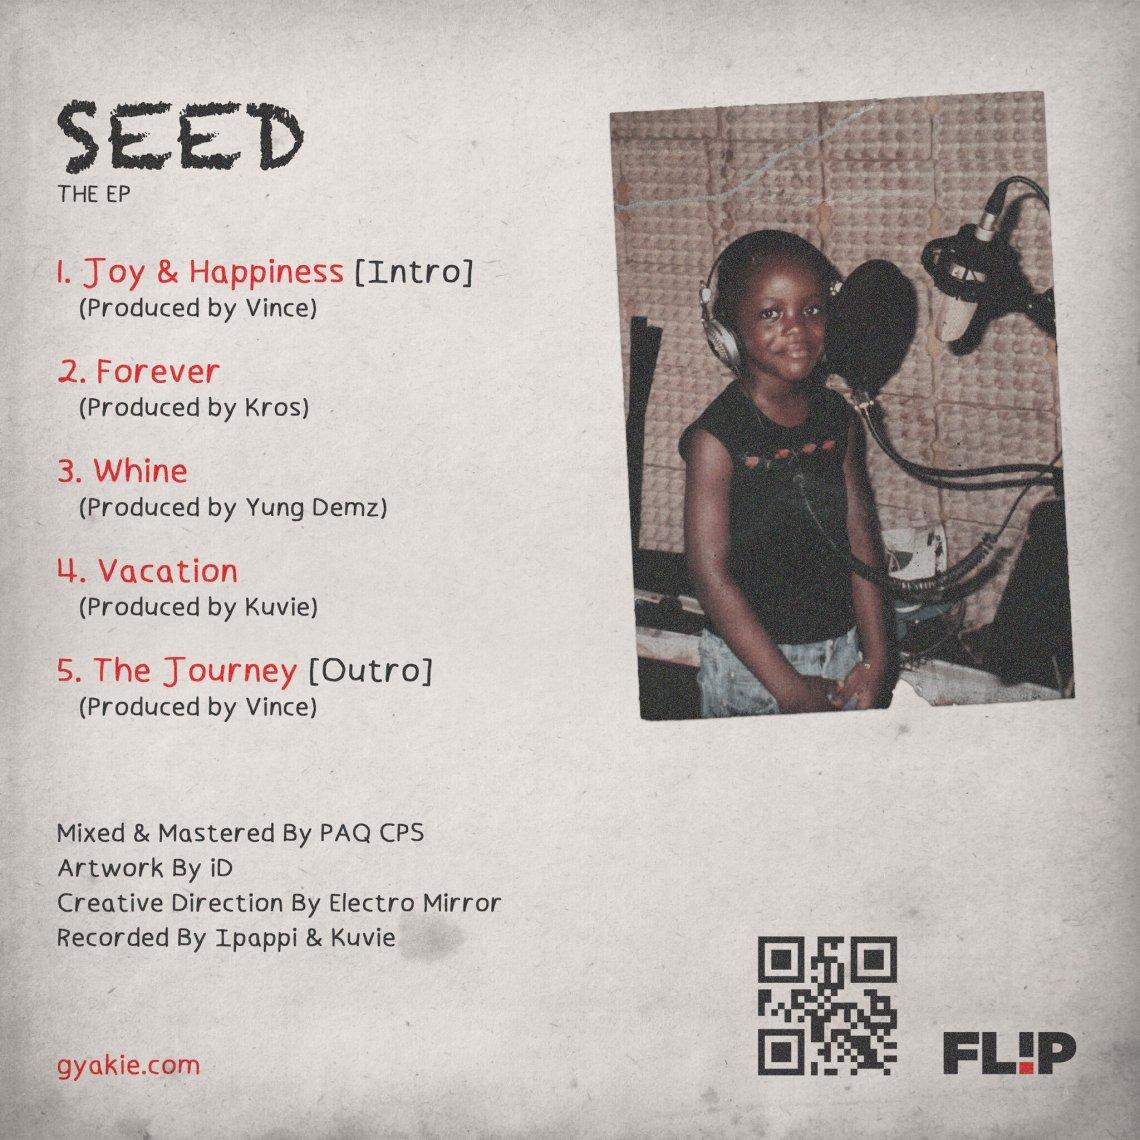 Gyakie - SEED EP